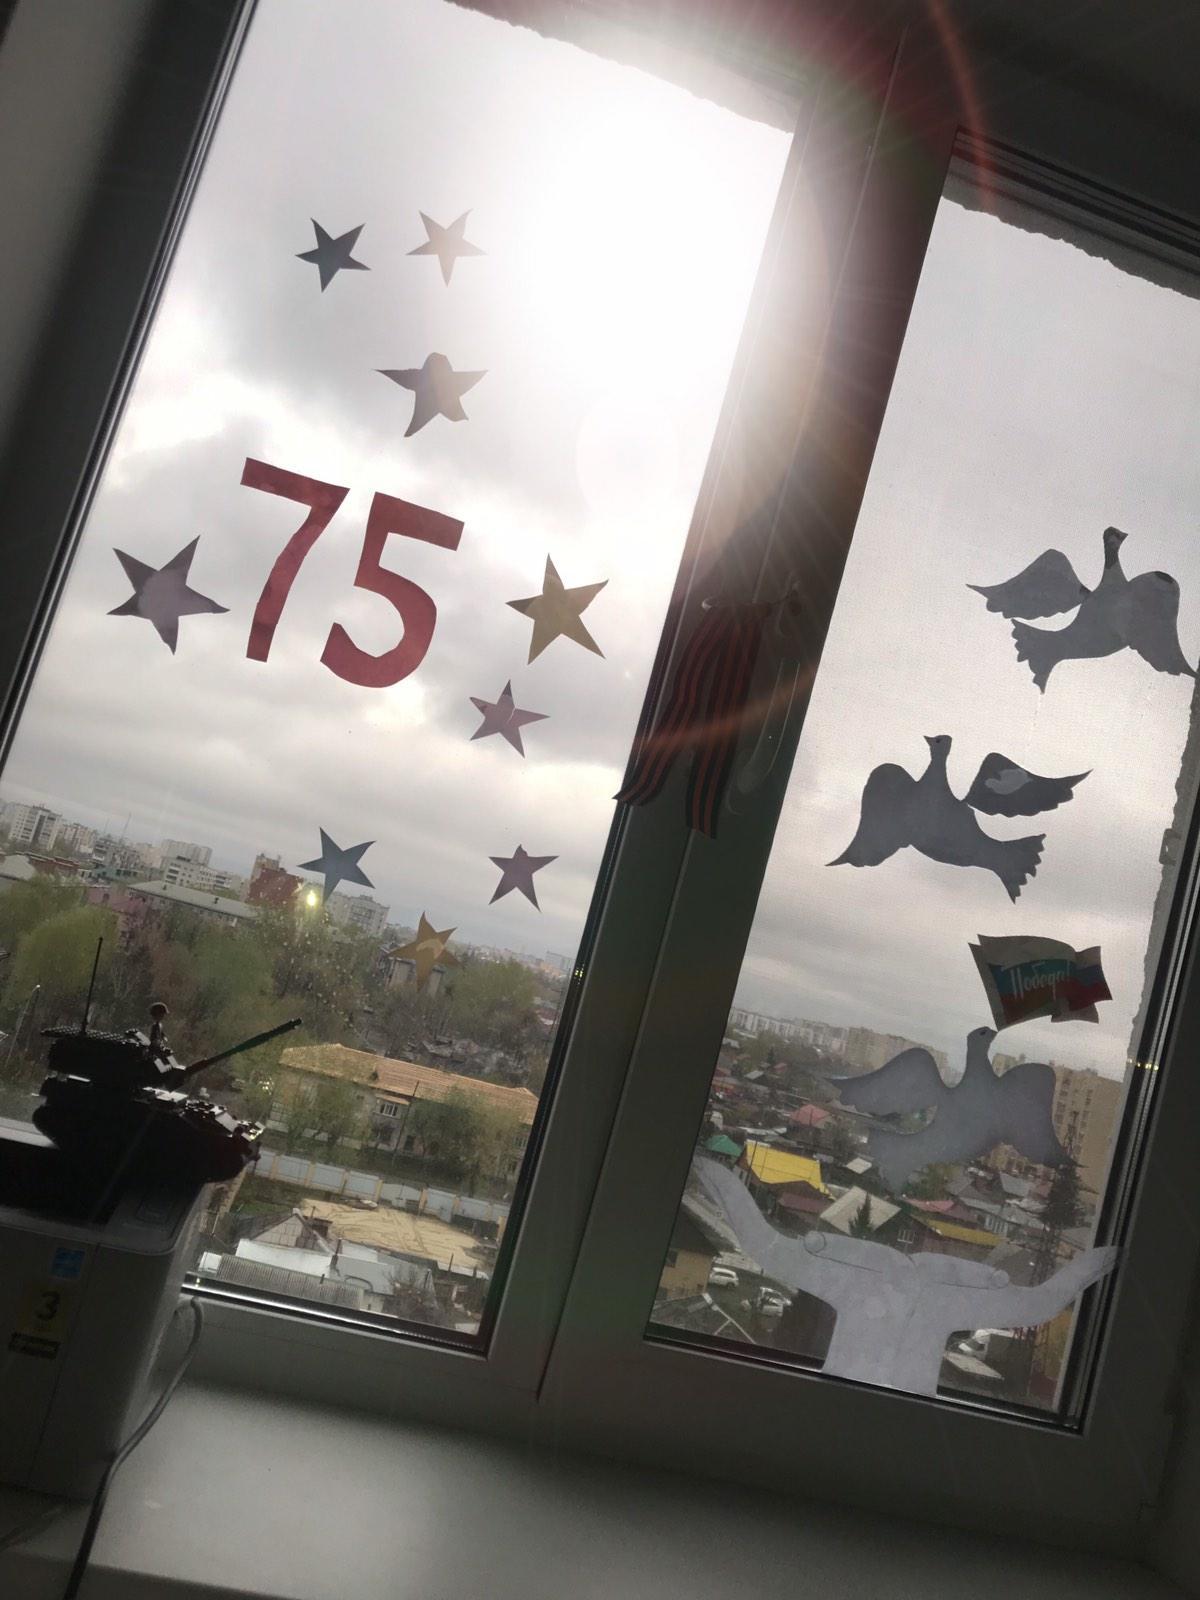 C:\Users\Галина Викторовна\Desktop\Окна Победы\Окно Победы Худолеев Андрей - 3 в.jpg